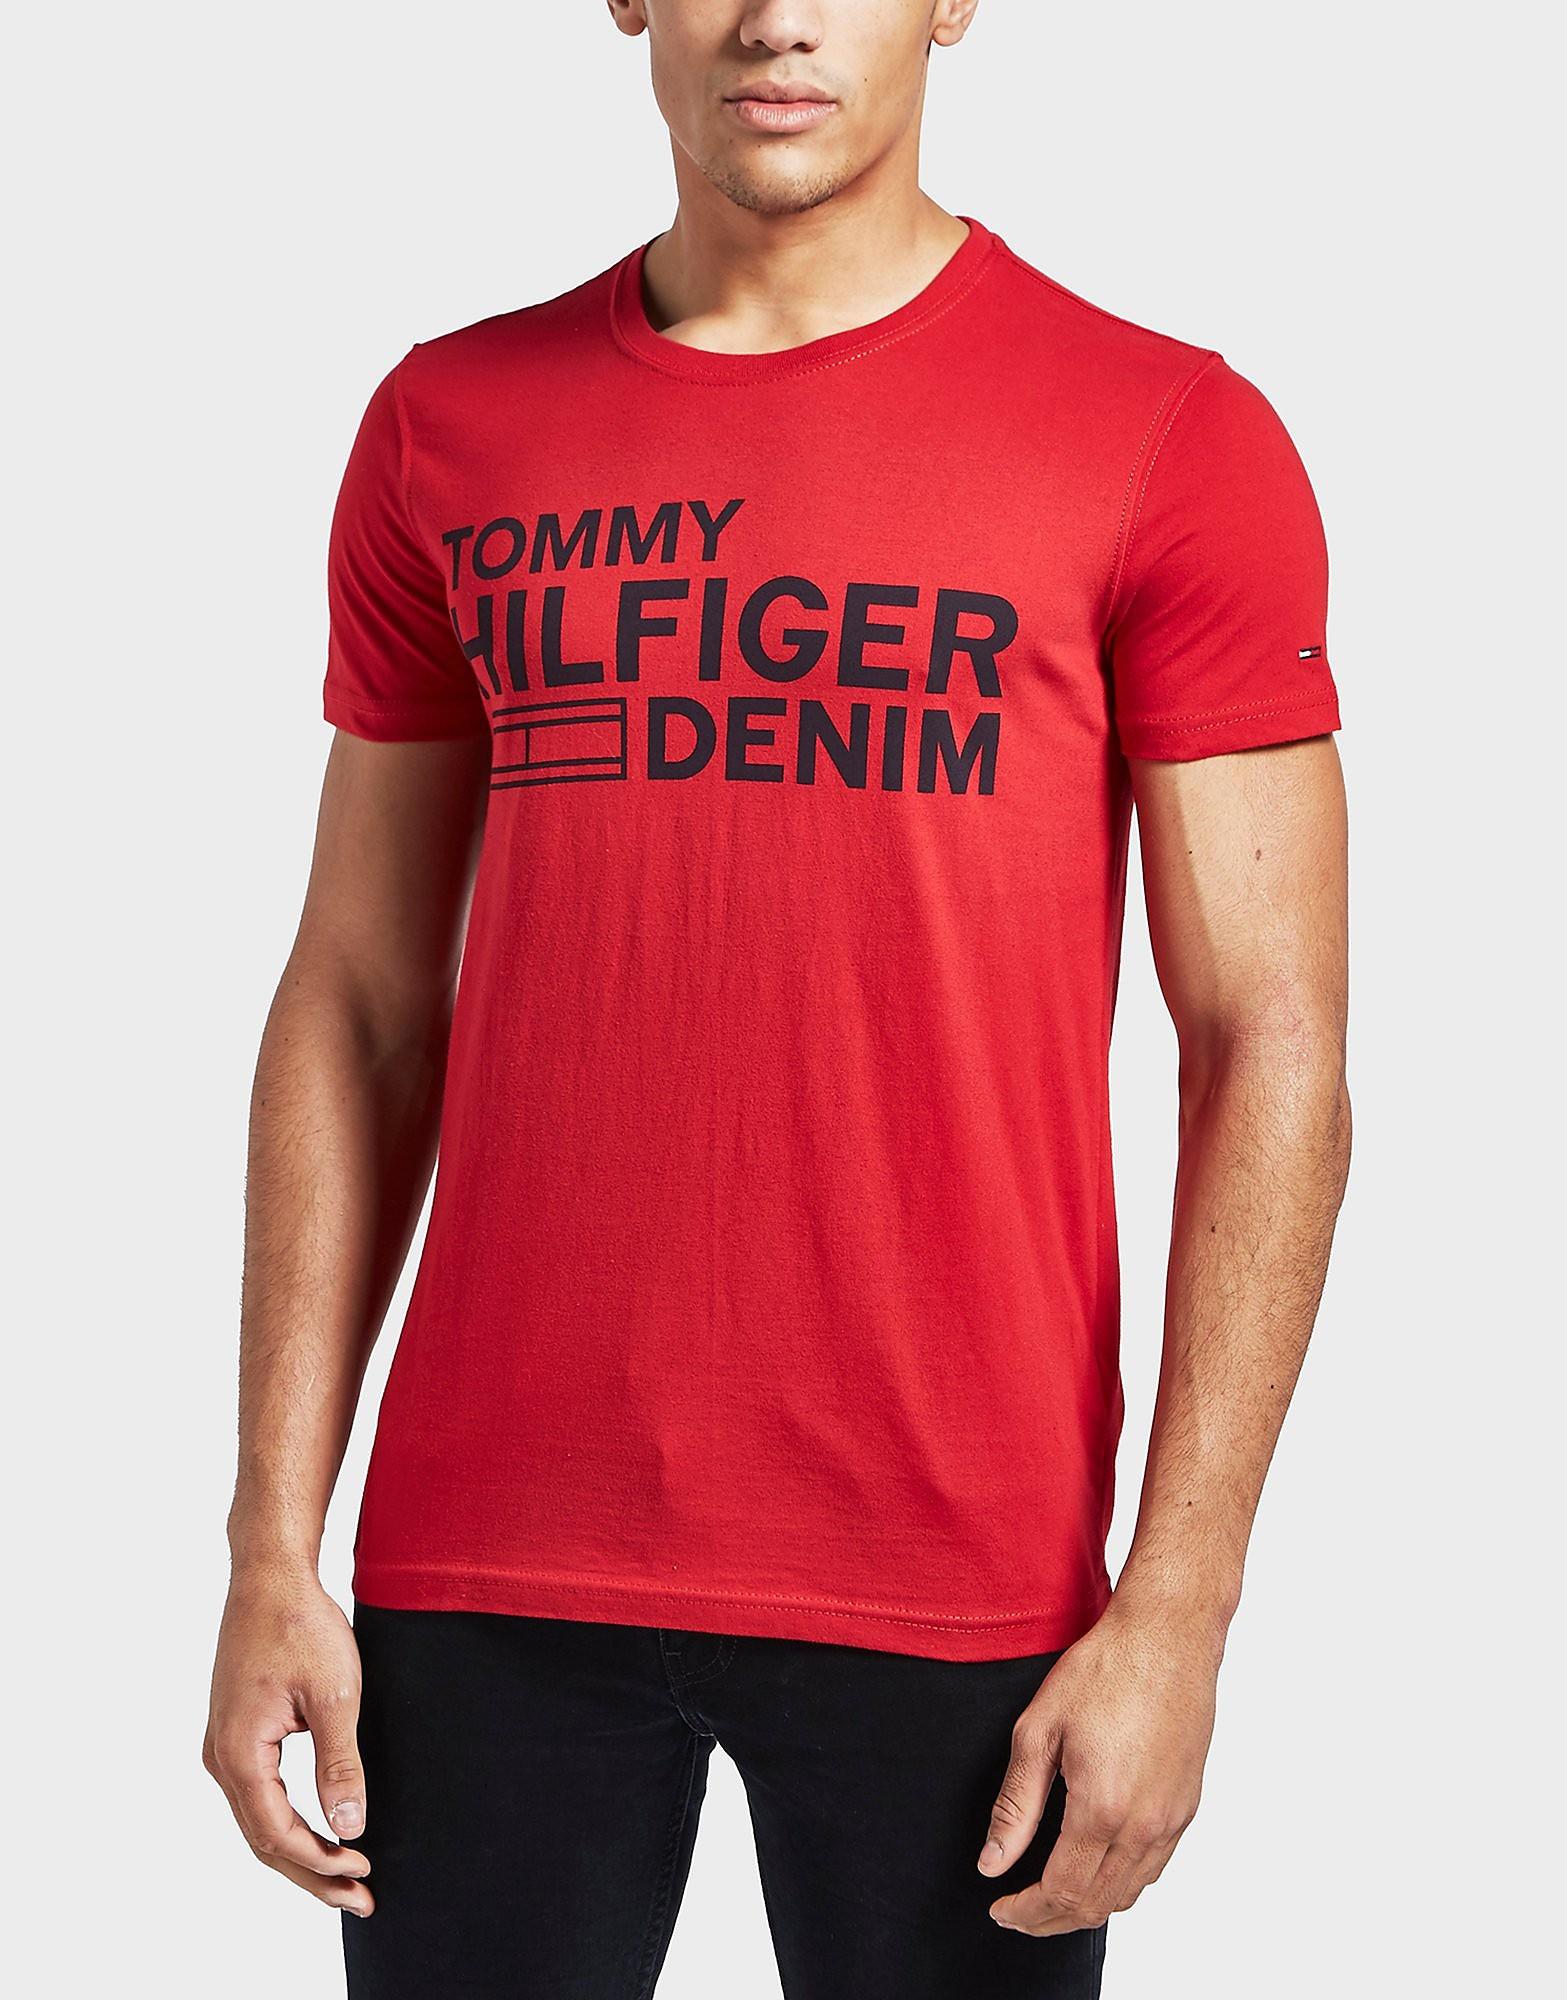 Tommy Hilfiger Branded Short Sleeve T-Shirt